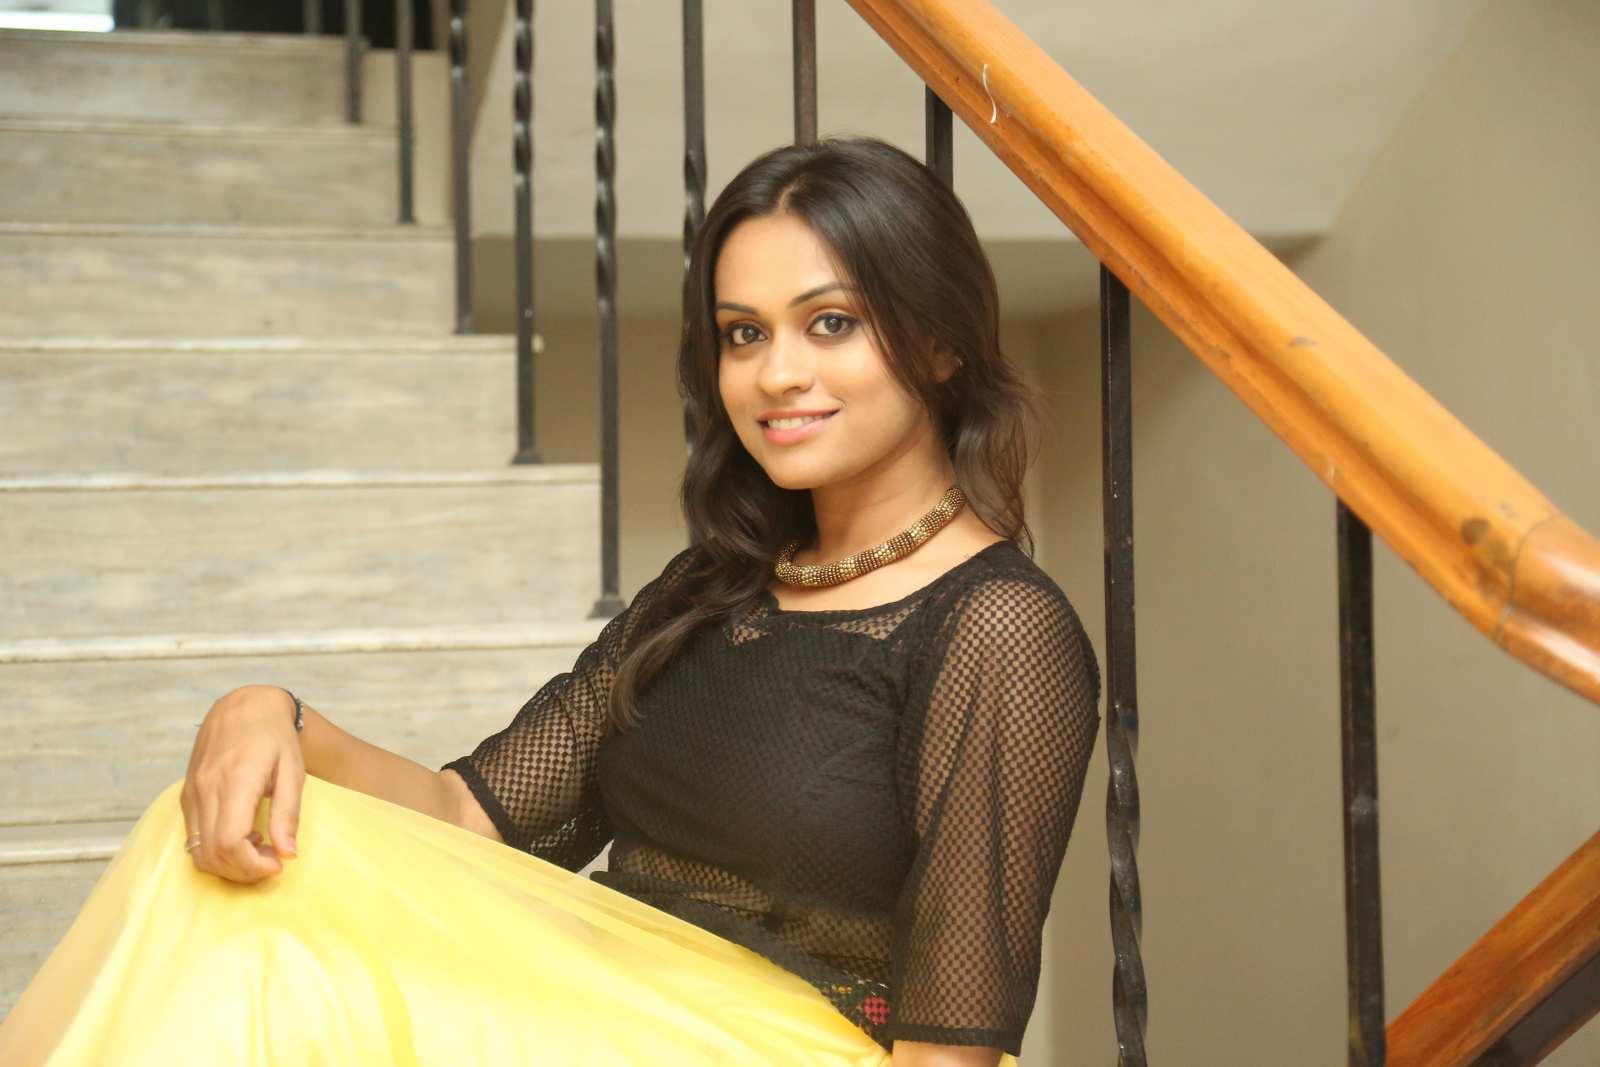 Geetha bhagath dazzling photos gallery-HQ-Photo-2